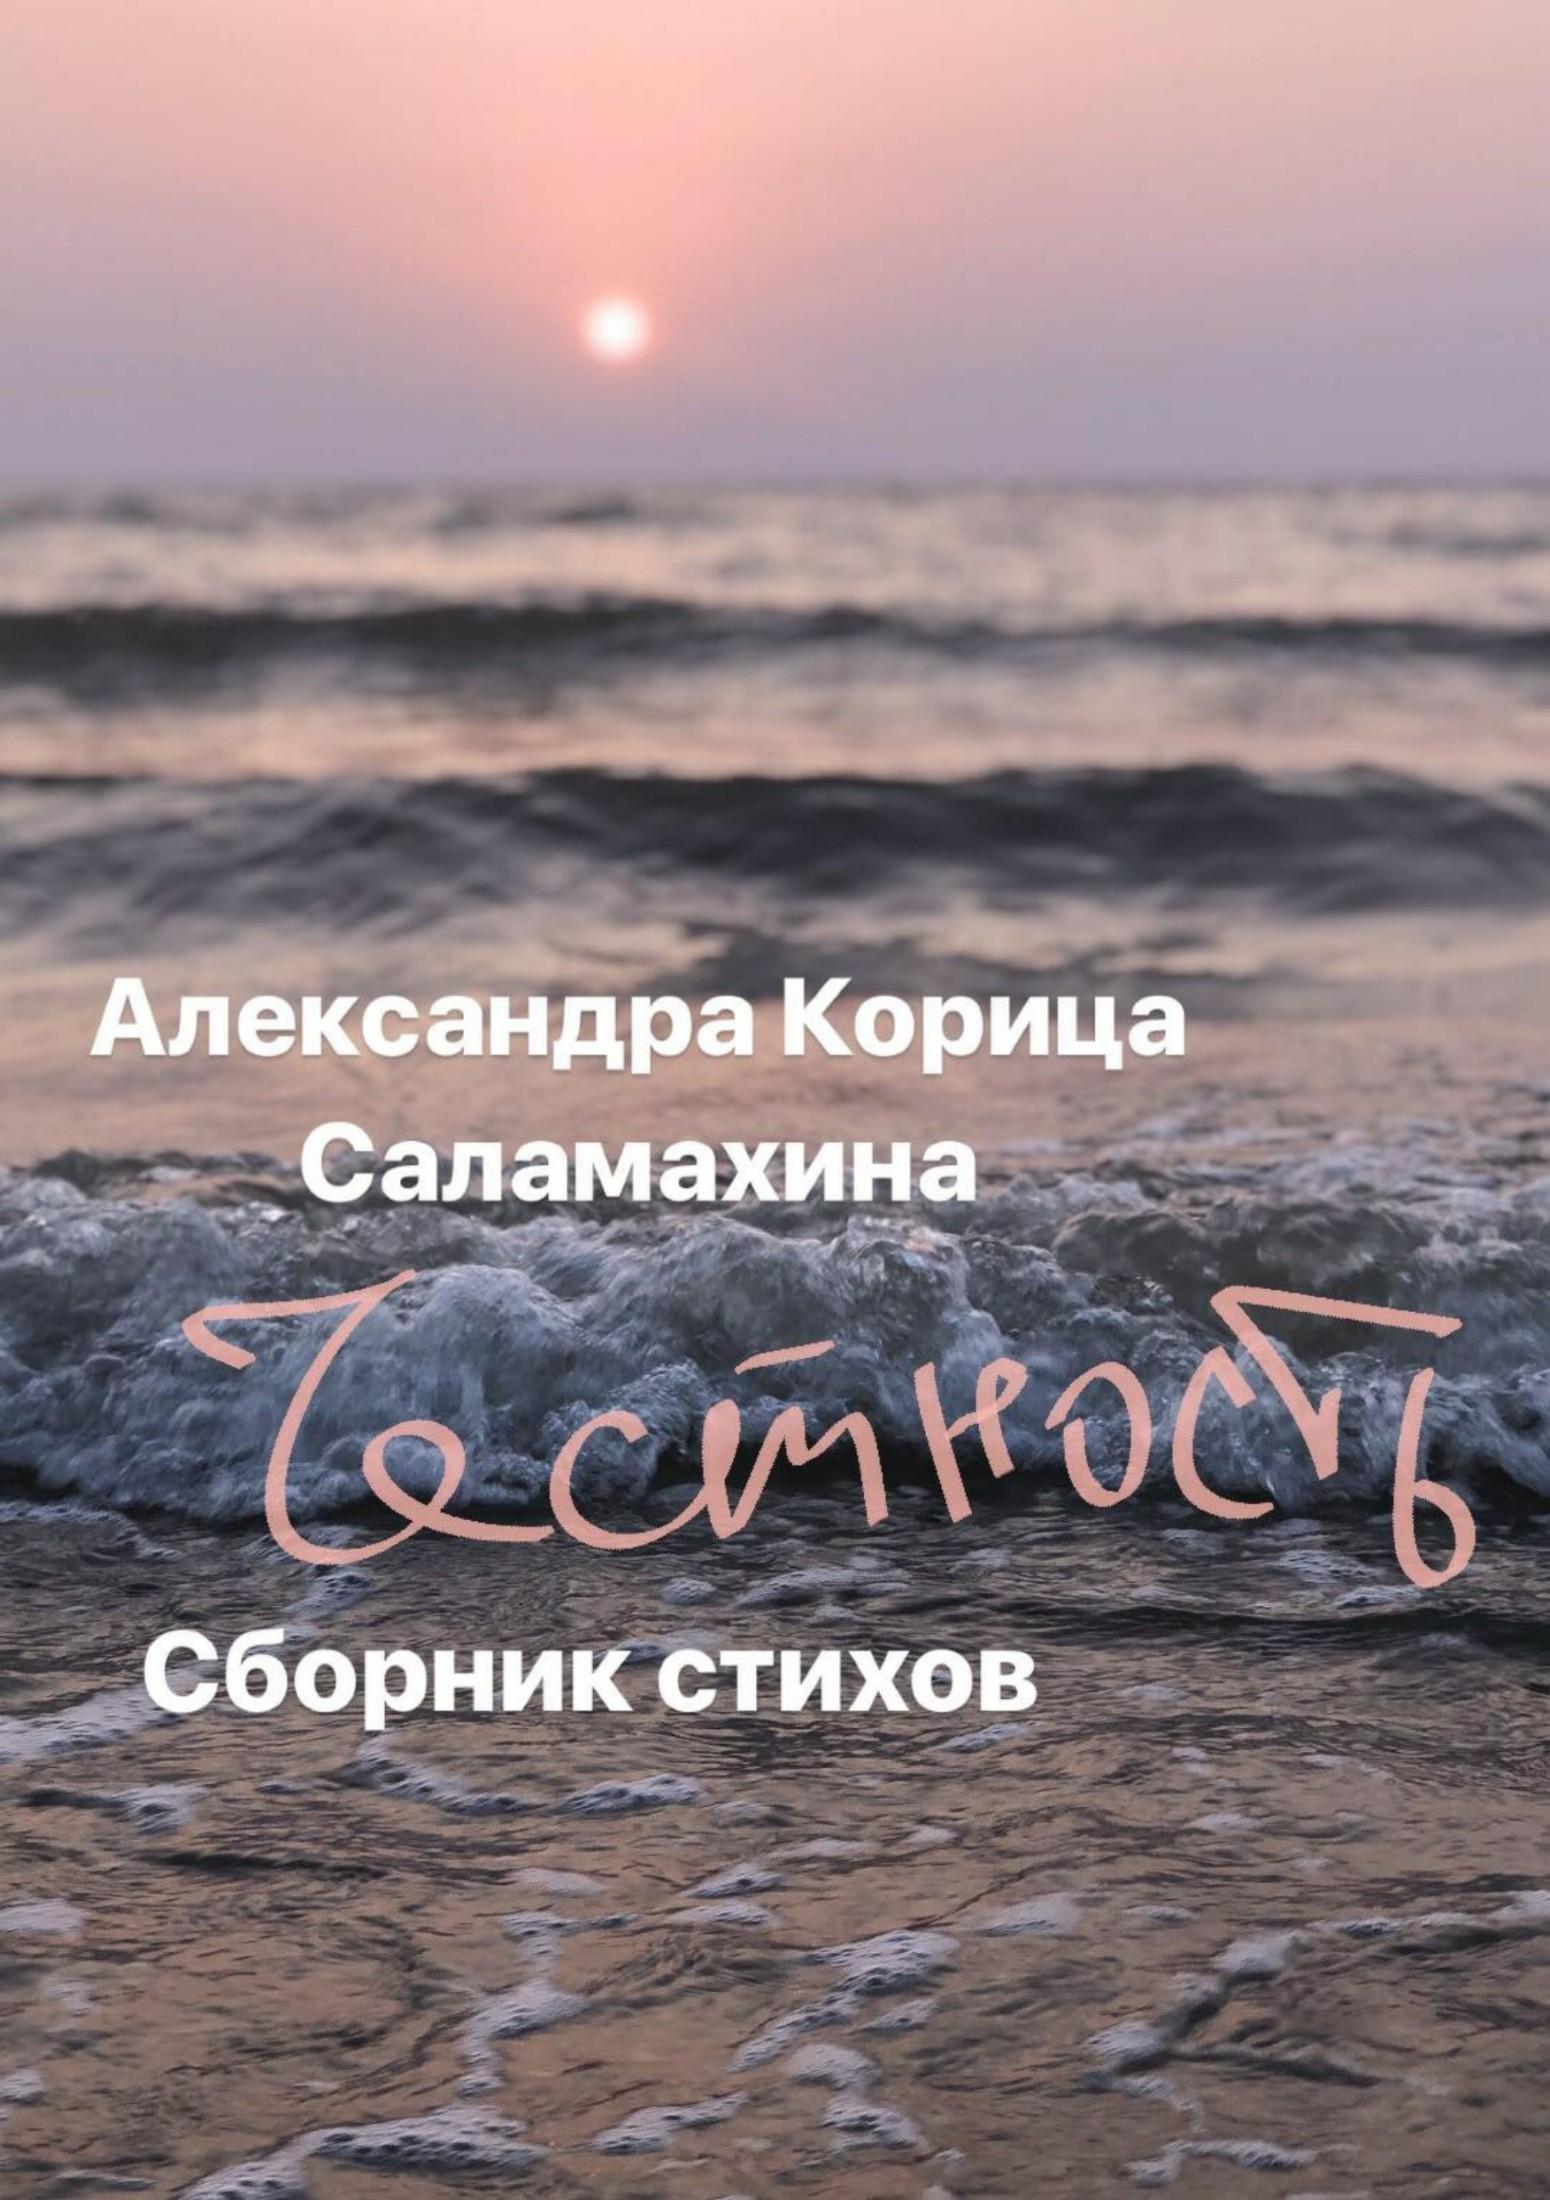 Александра Корица Саламахина Честность. Сборник стихотворений